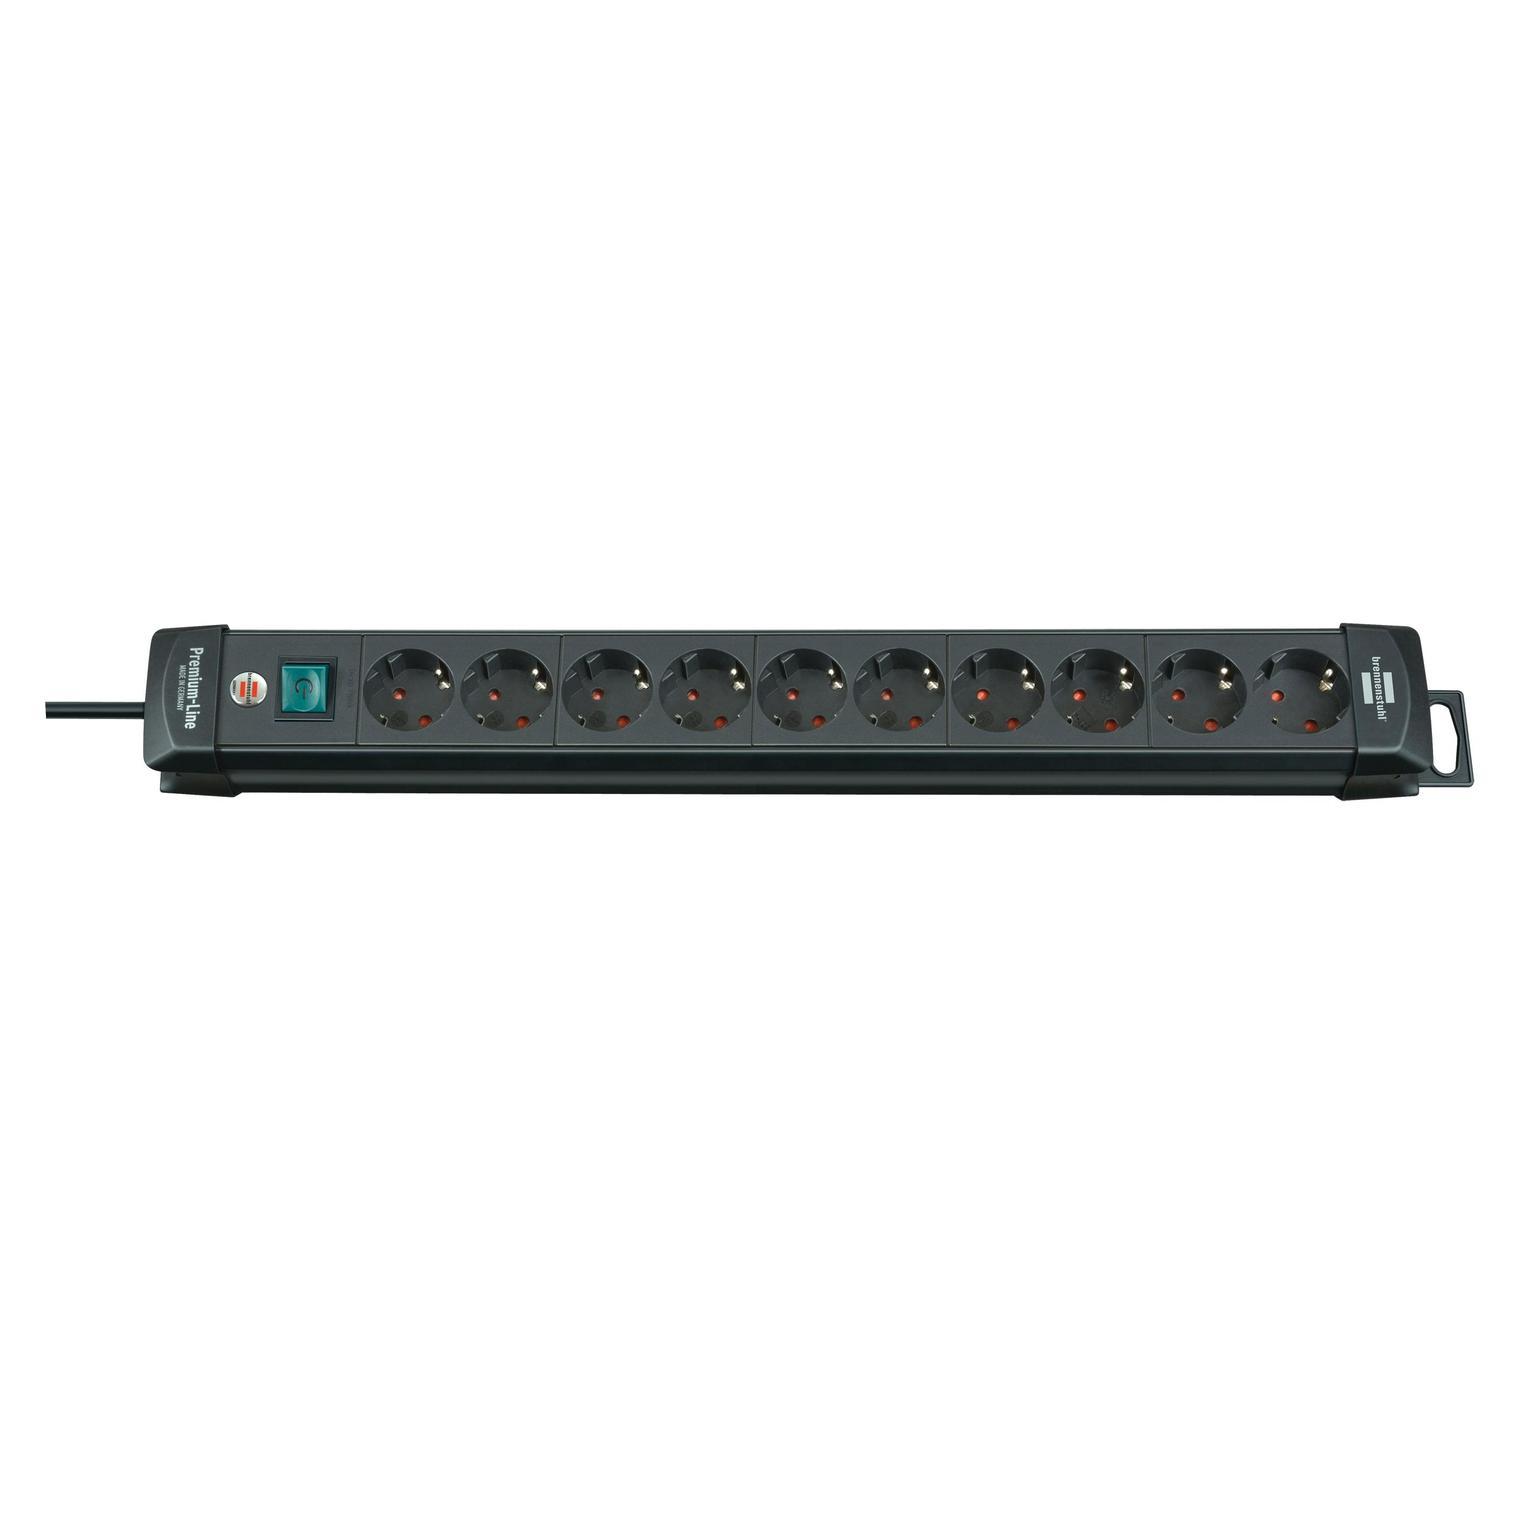 Brennenstuhl Premium-line 10-voudig zwart